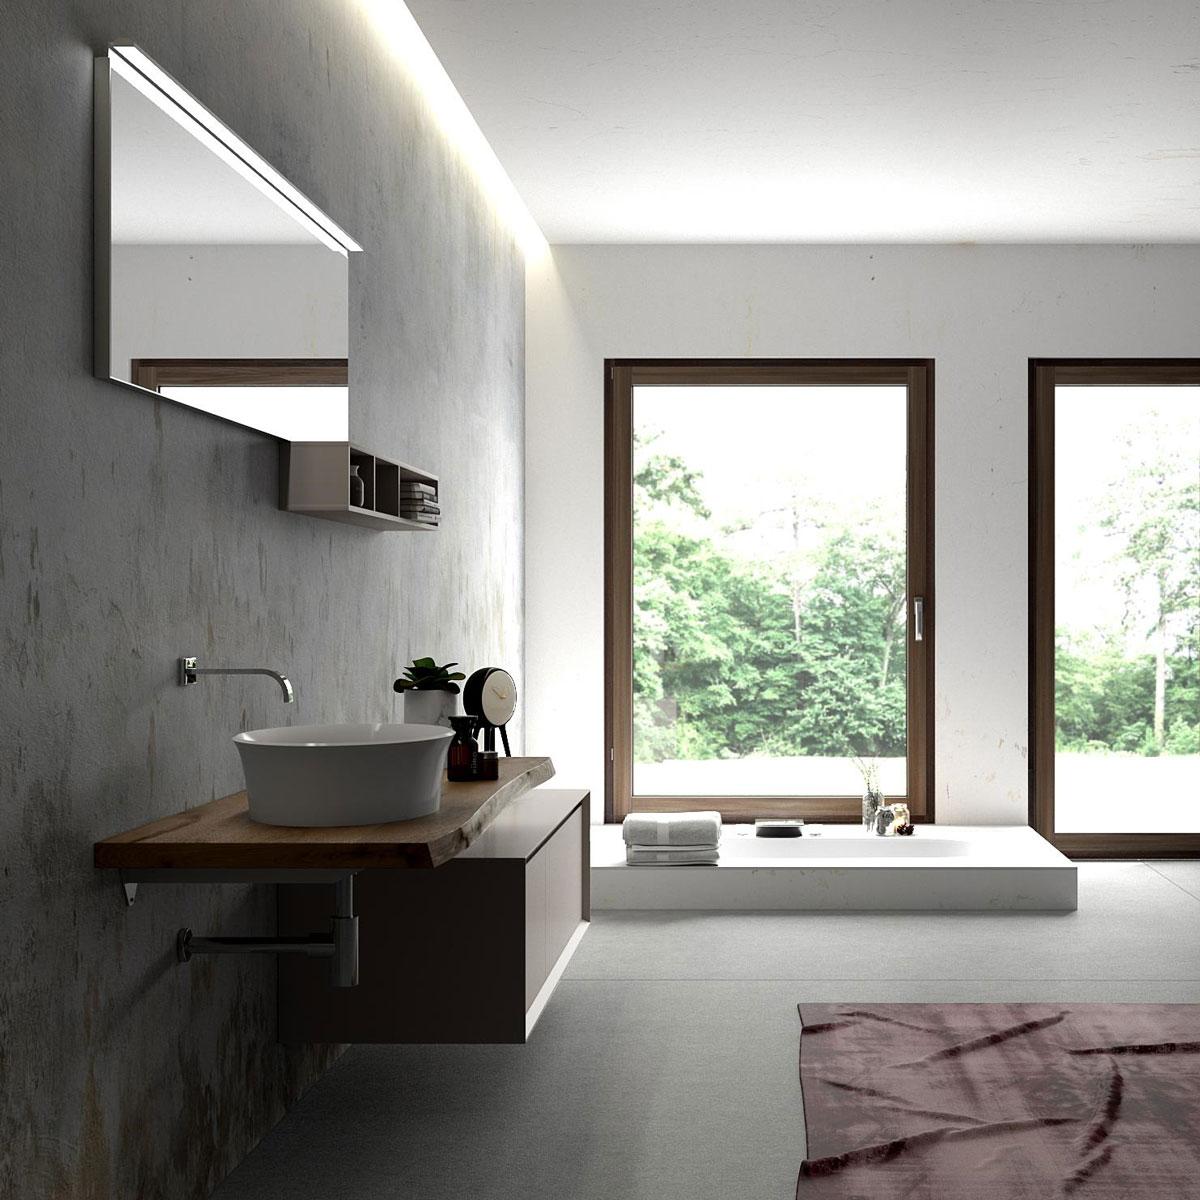 Arredo bagno legno massello rovere puntotre arredobagno - Arredo bagno legno ...